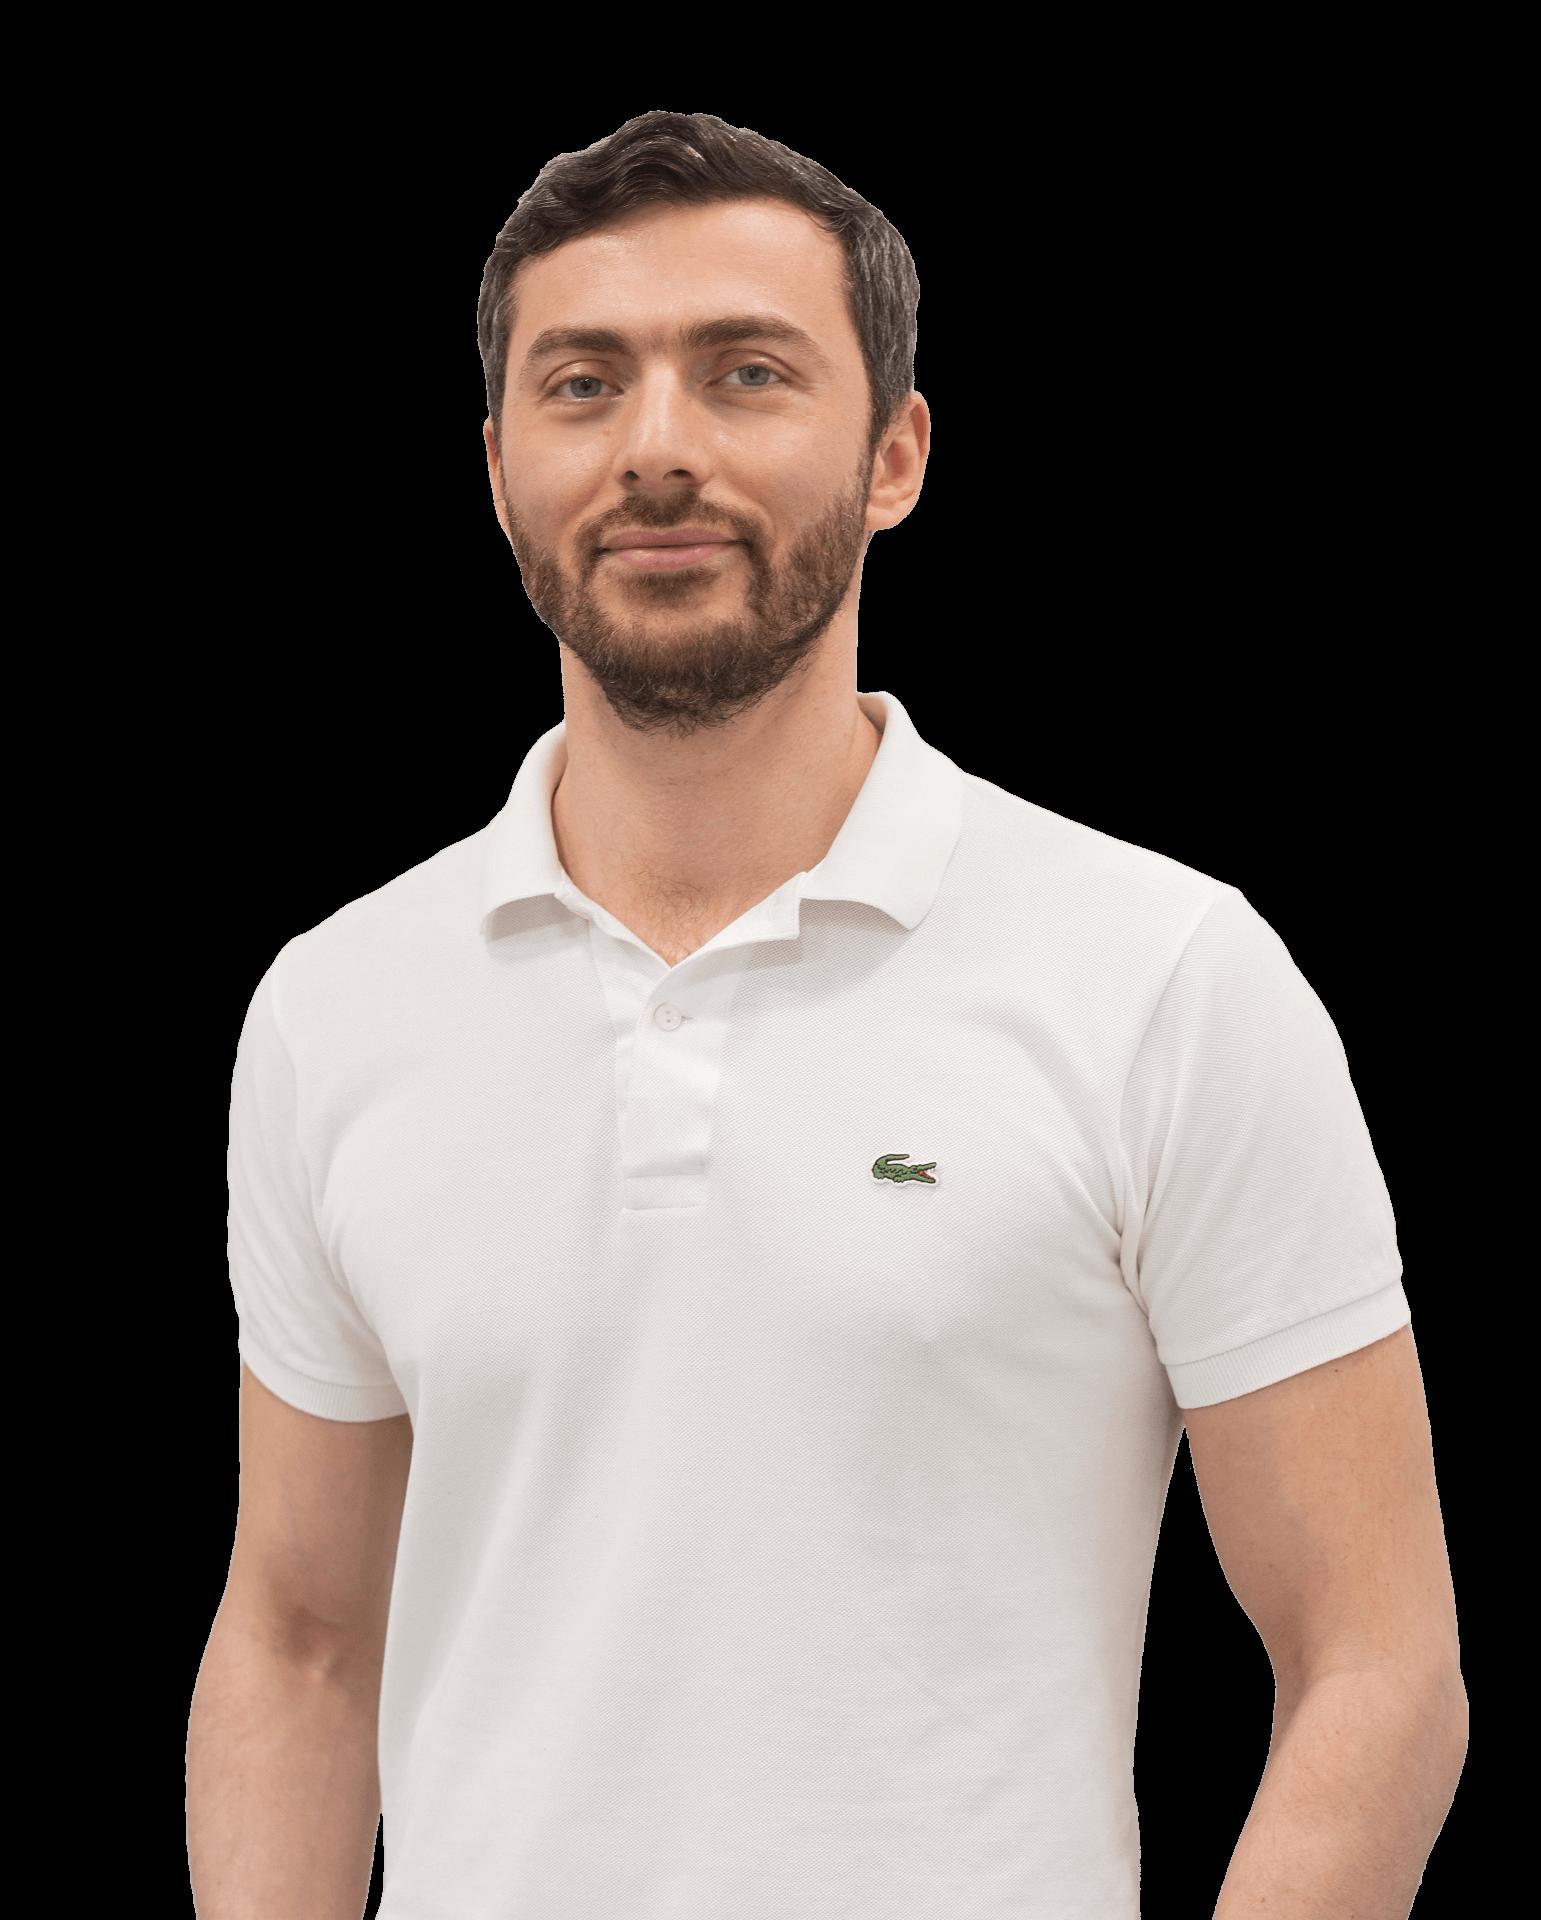 врач стоматолог Амиров